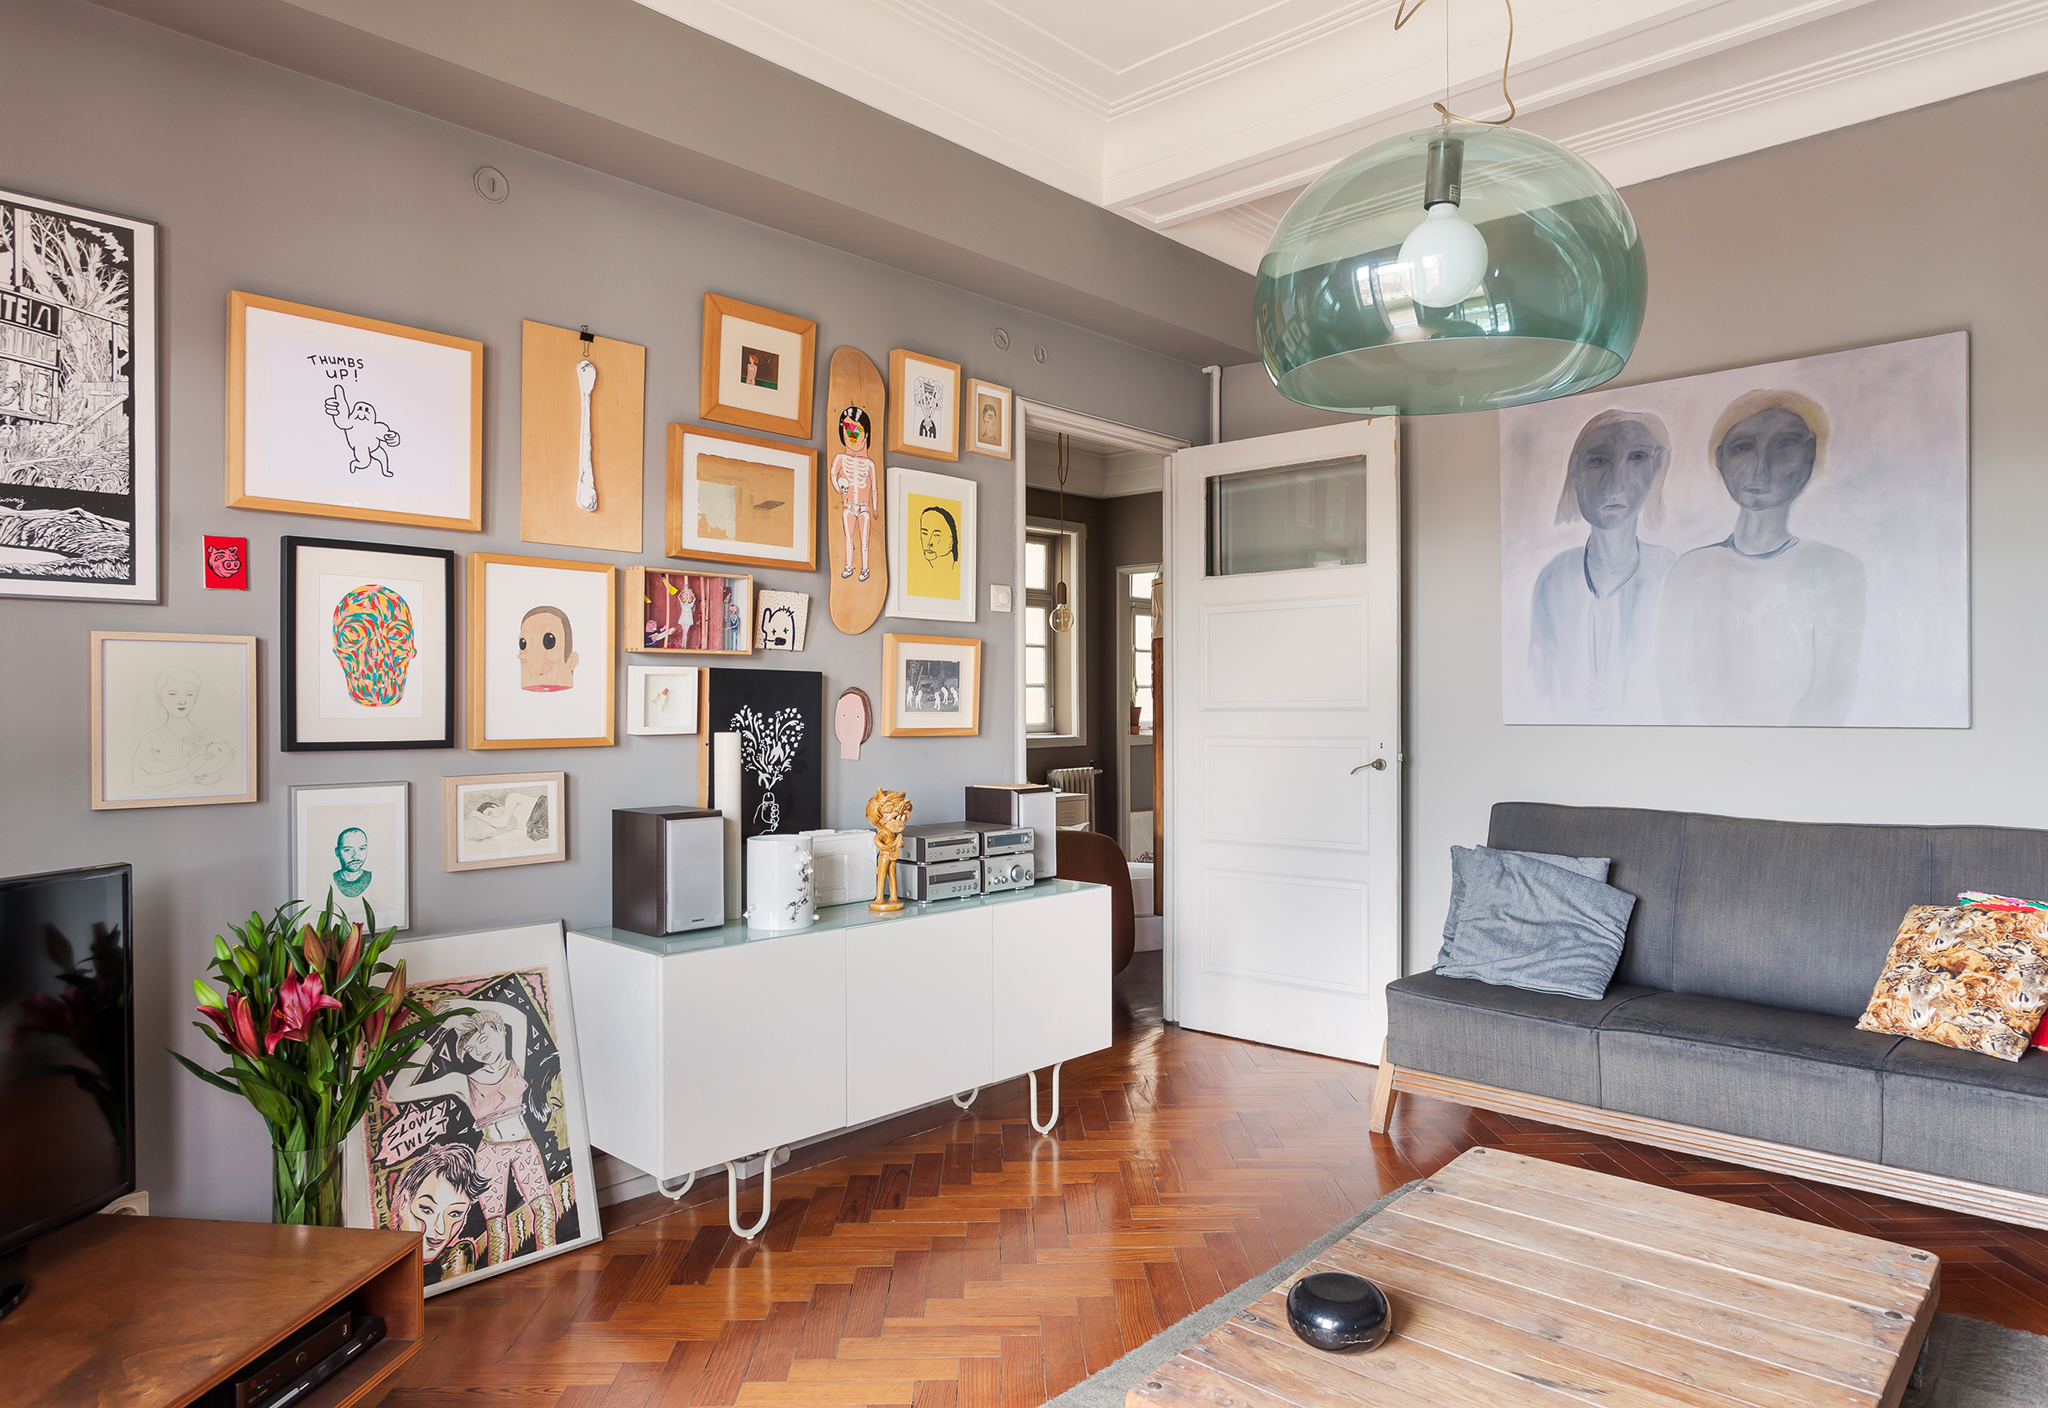 Apartamento antigo com paredes pintadas de cinza